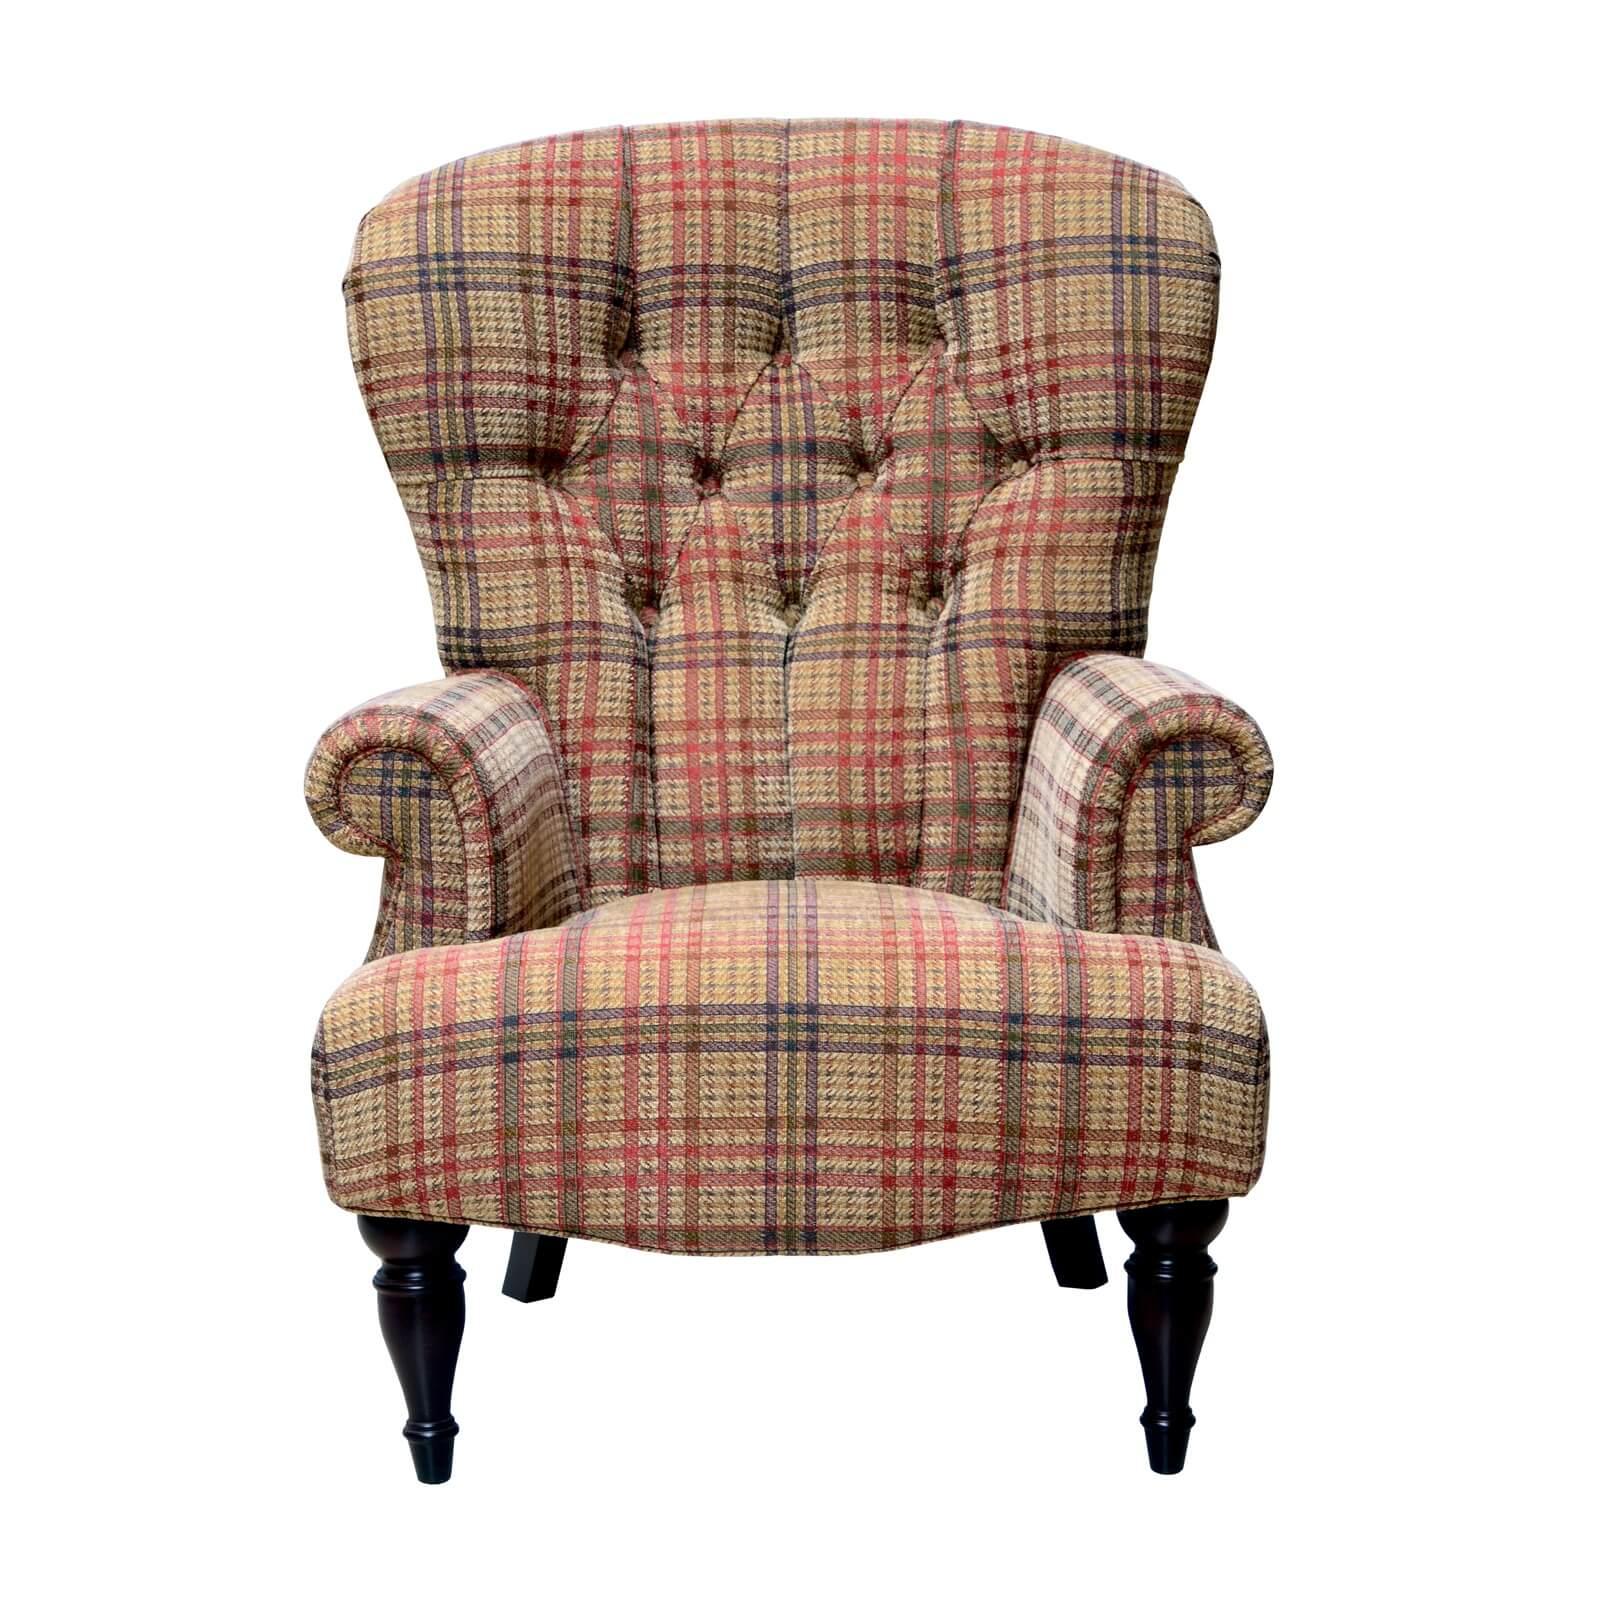 Englische Polstermöbel Landhausstil ~ Sessel Englisch 2017  Chesterfield Sessel  Englische Sessel online